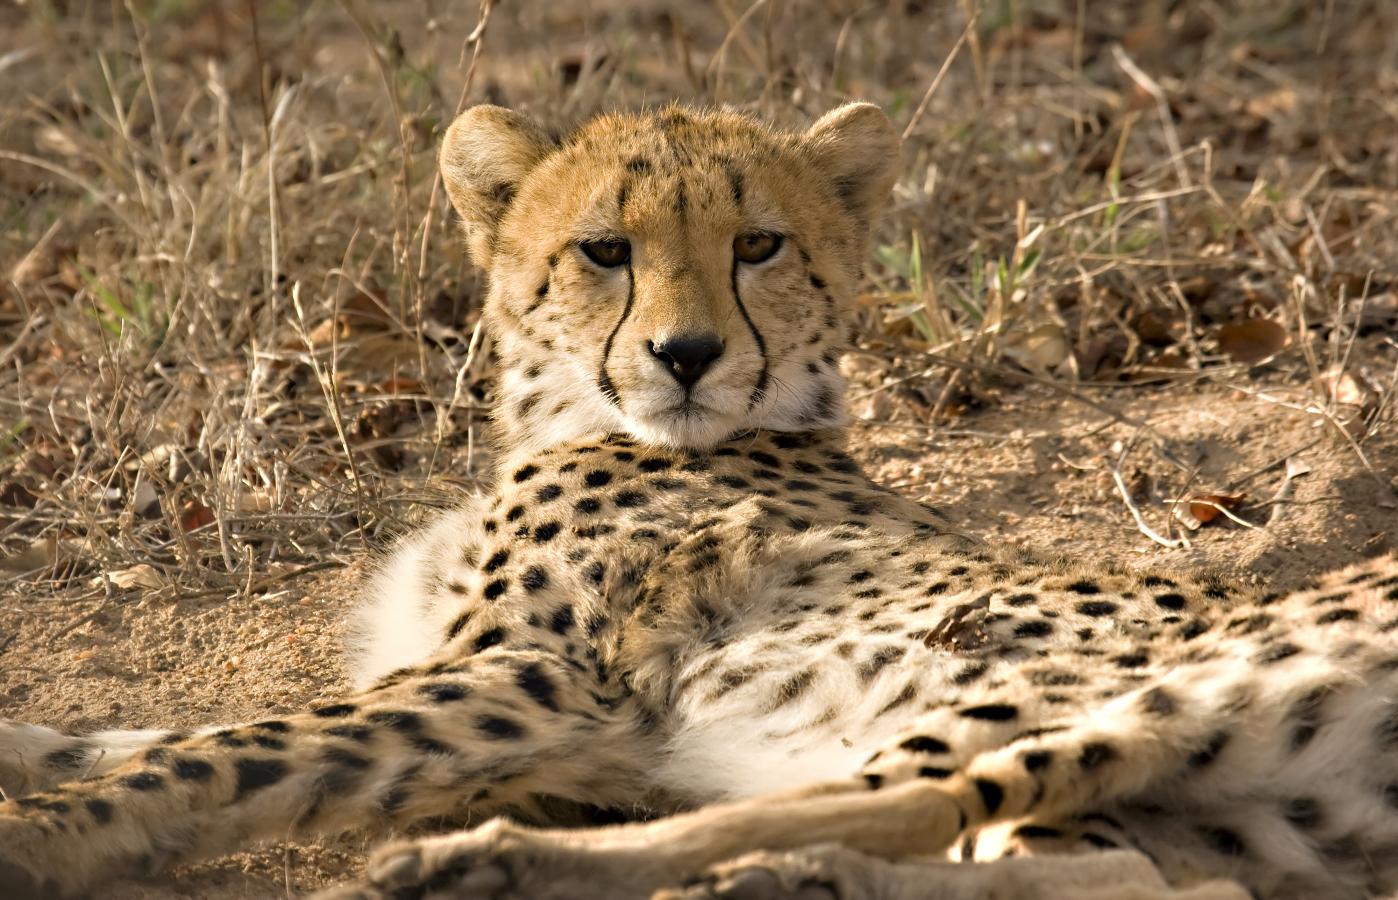 Südafrika & Swaziland - Natur & Tiere intensiv